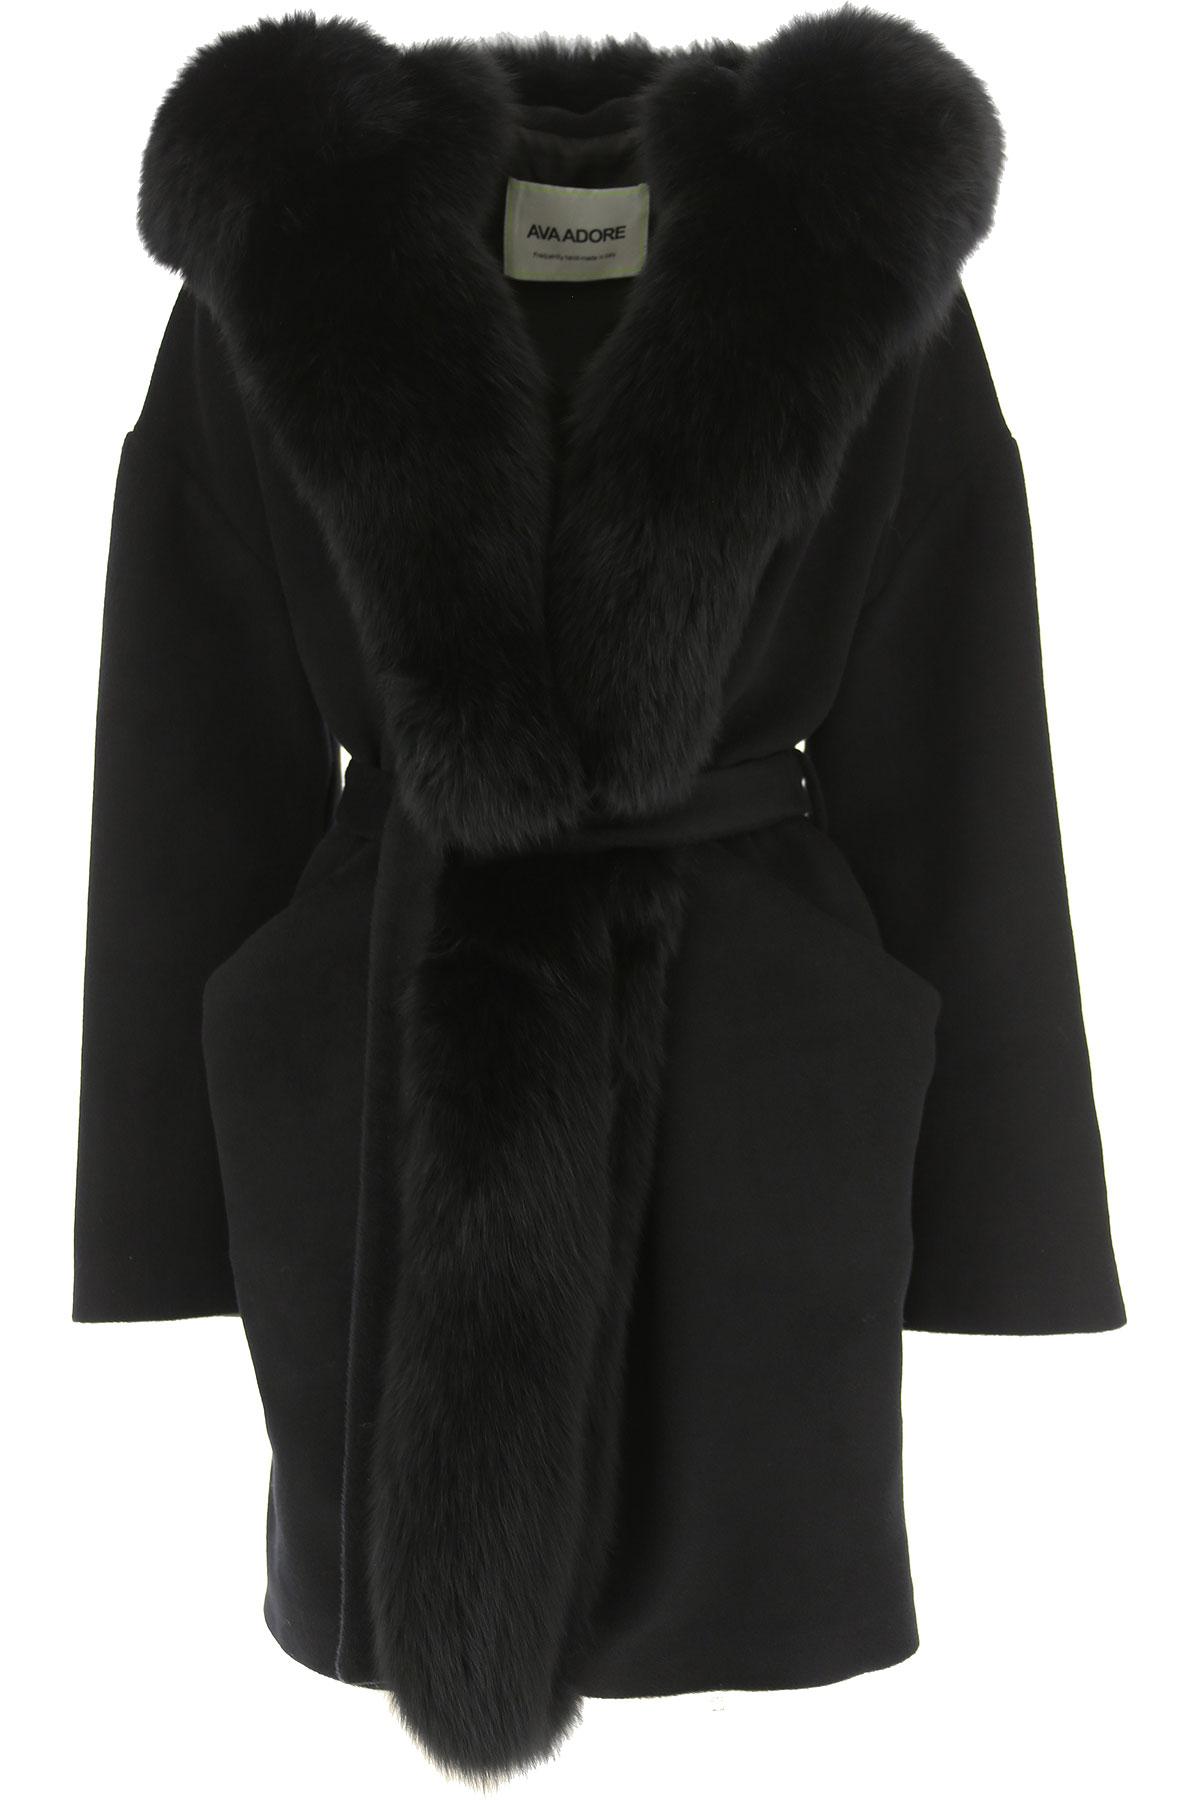 Image of Ava Adore Women\'s Coat, Black, Virgin wool, 2017, 4 6 8